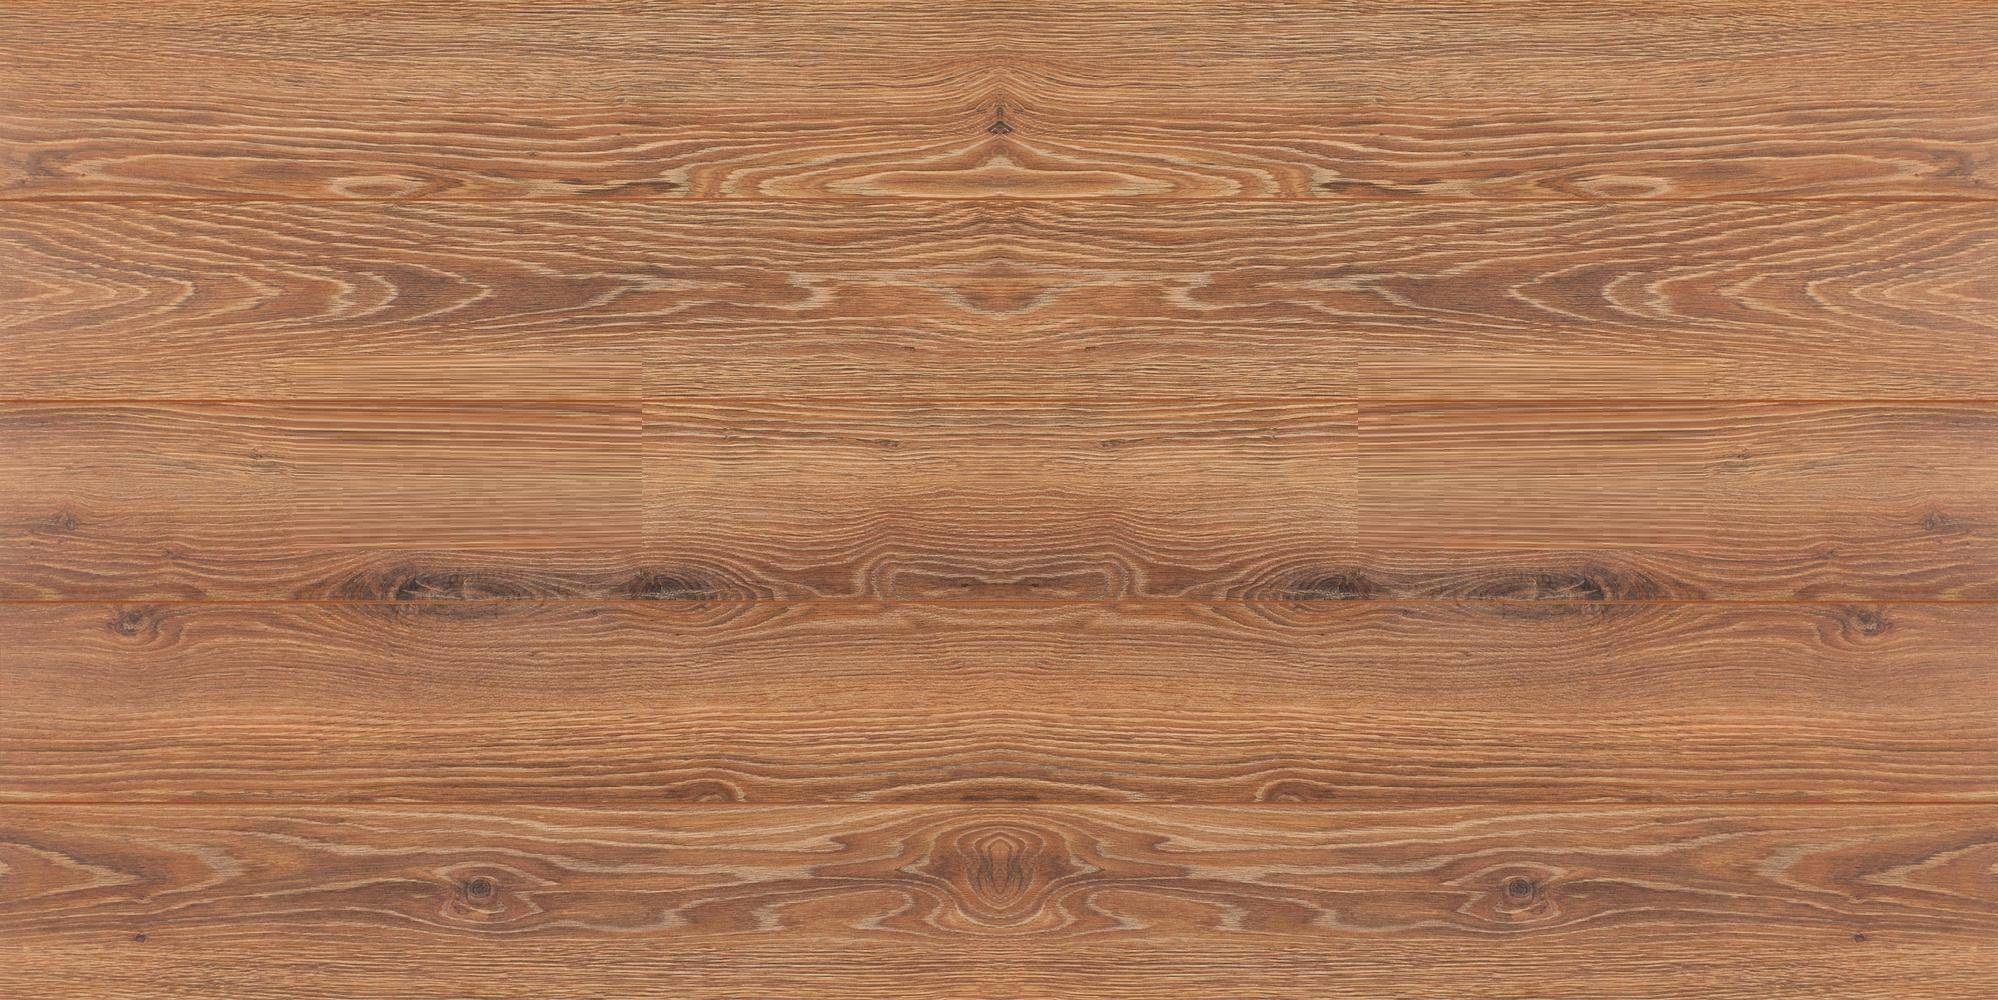 Drewno Wood Hardwood Floors Hardwood